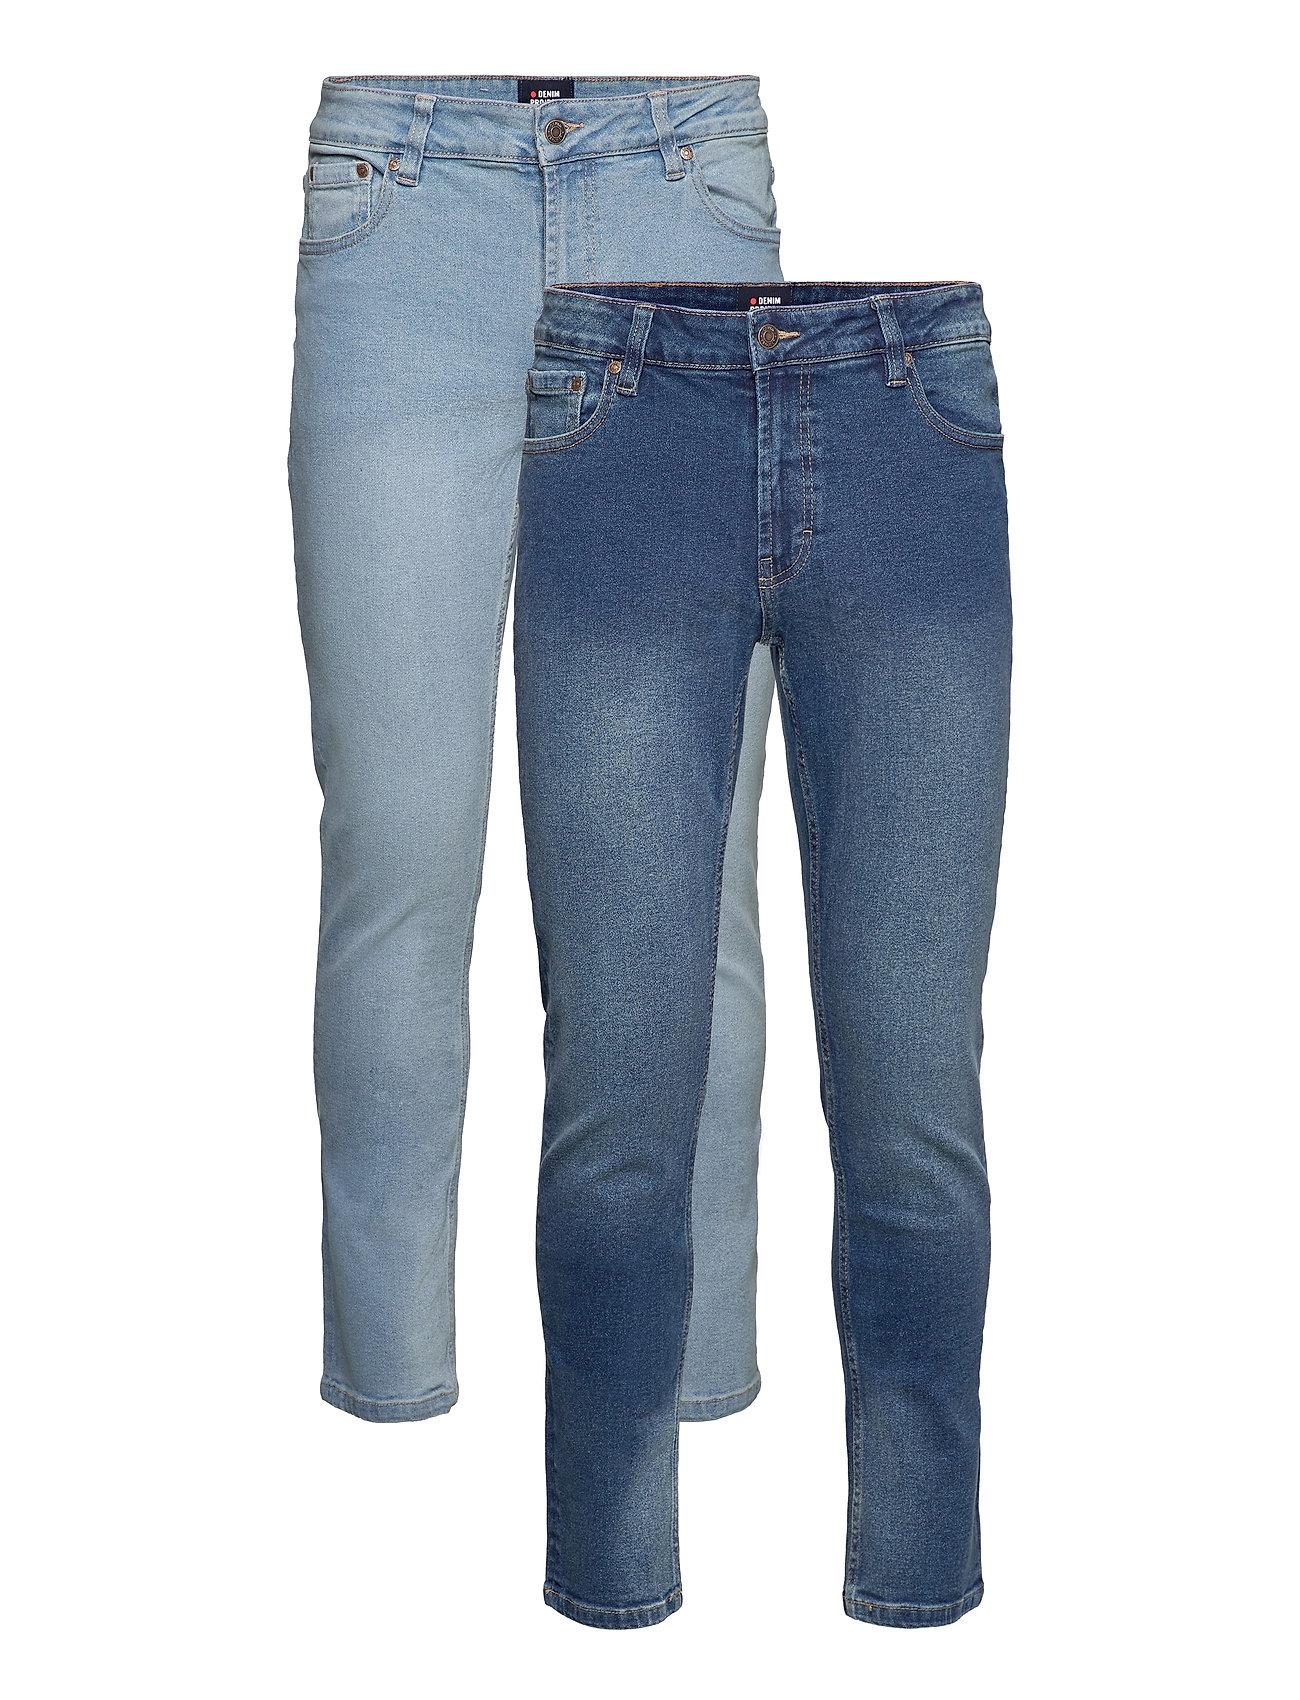 Image of Mr Red 2 Pack Slim Jeans Blå Denim Project (3531192325)